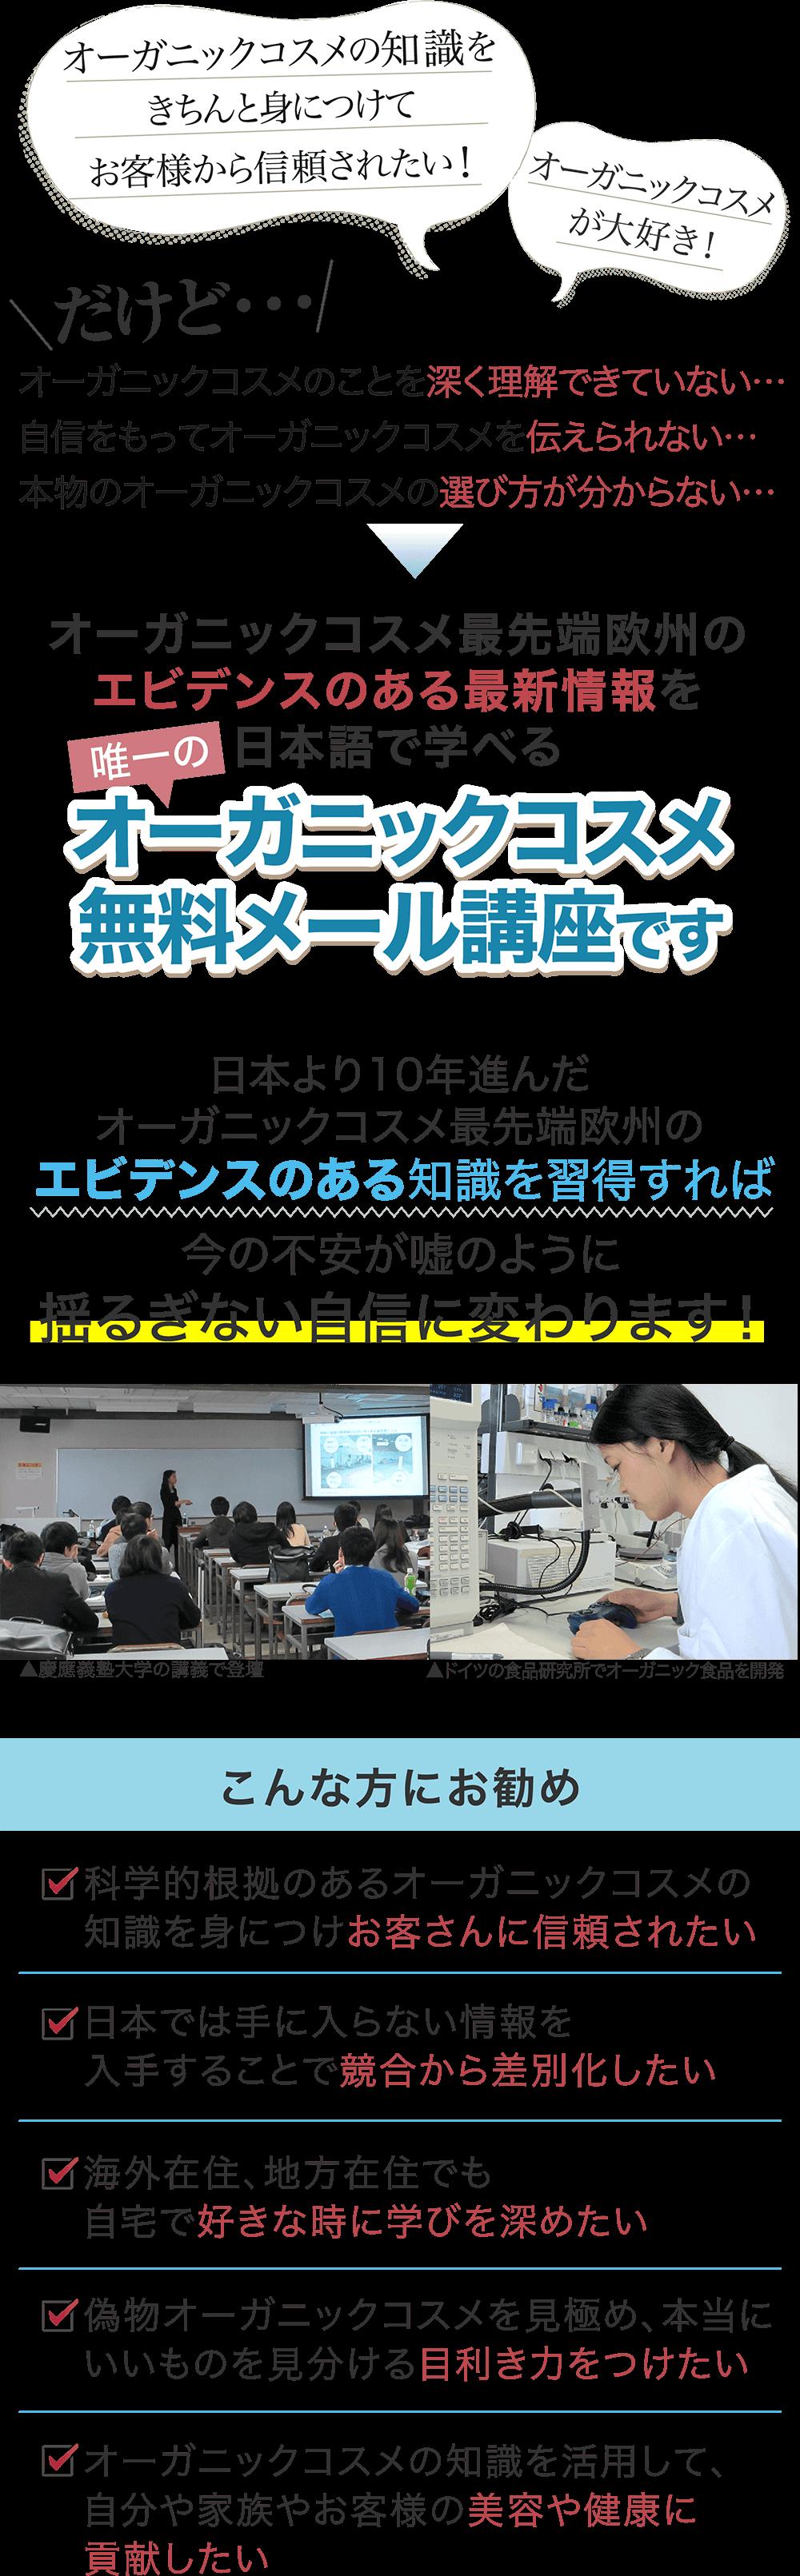 オーガニックコスメ最先端欧州のエビデンスのある最新情報を日本語で学べるオーガニックコスメ無料メール講座です